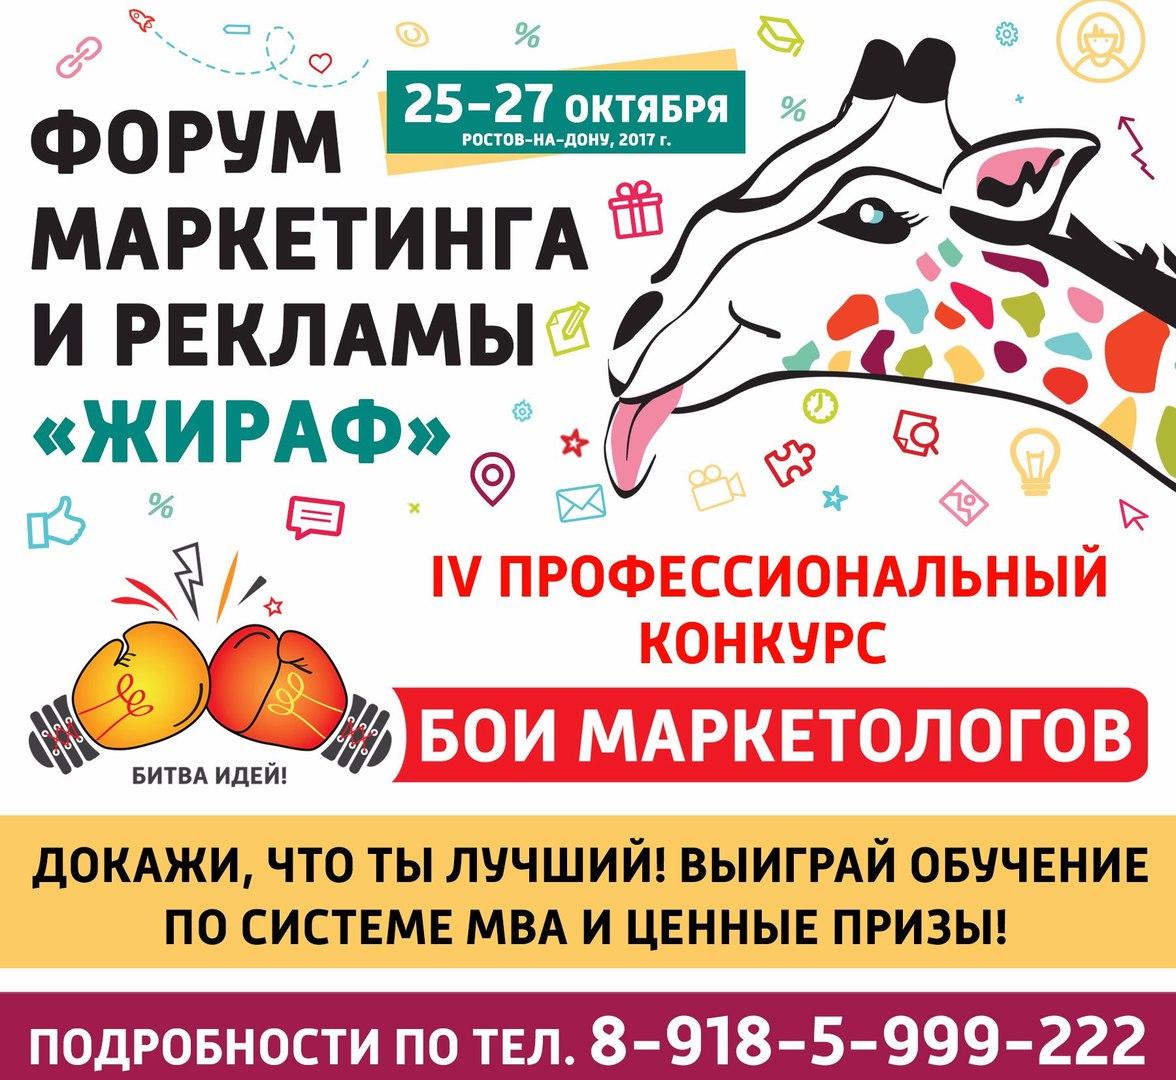 40 маркетологов юга России сразятся за обучение МВА стоимостью 344 000 рублей и звание лучшего специалиста ЮФО